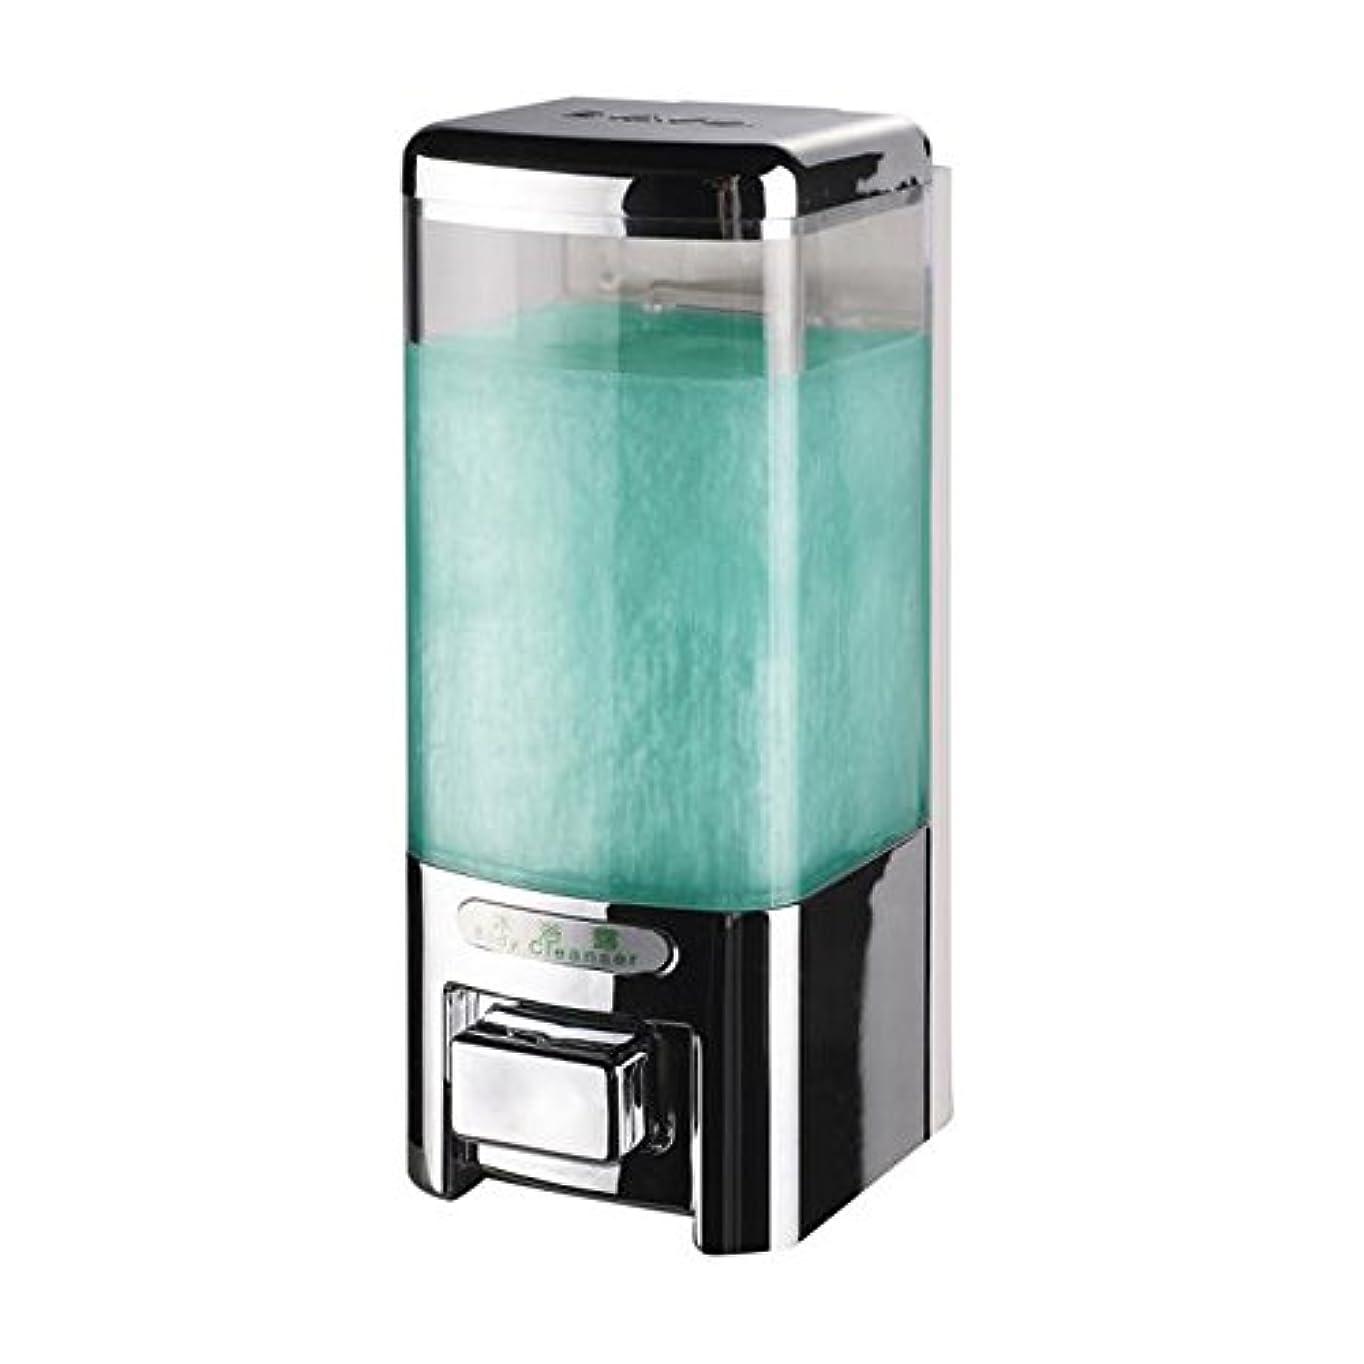 裏切る接辞フレッシュSvavo v-8101プラスチック壁マウントHand Soap Dispenser forホテルキッチンバスルームホワイト、クロム500 ml 1のパック V-8101-Chrome